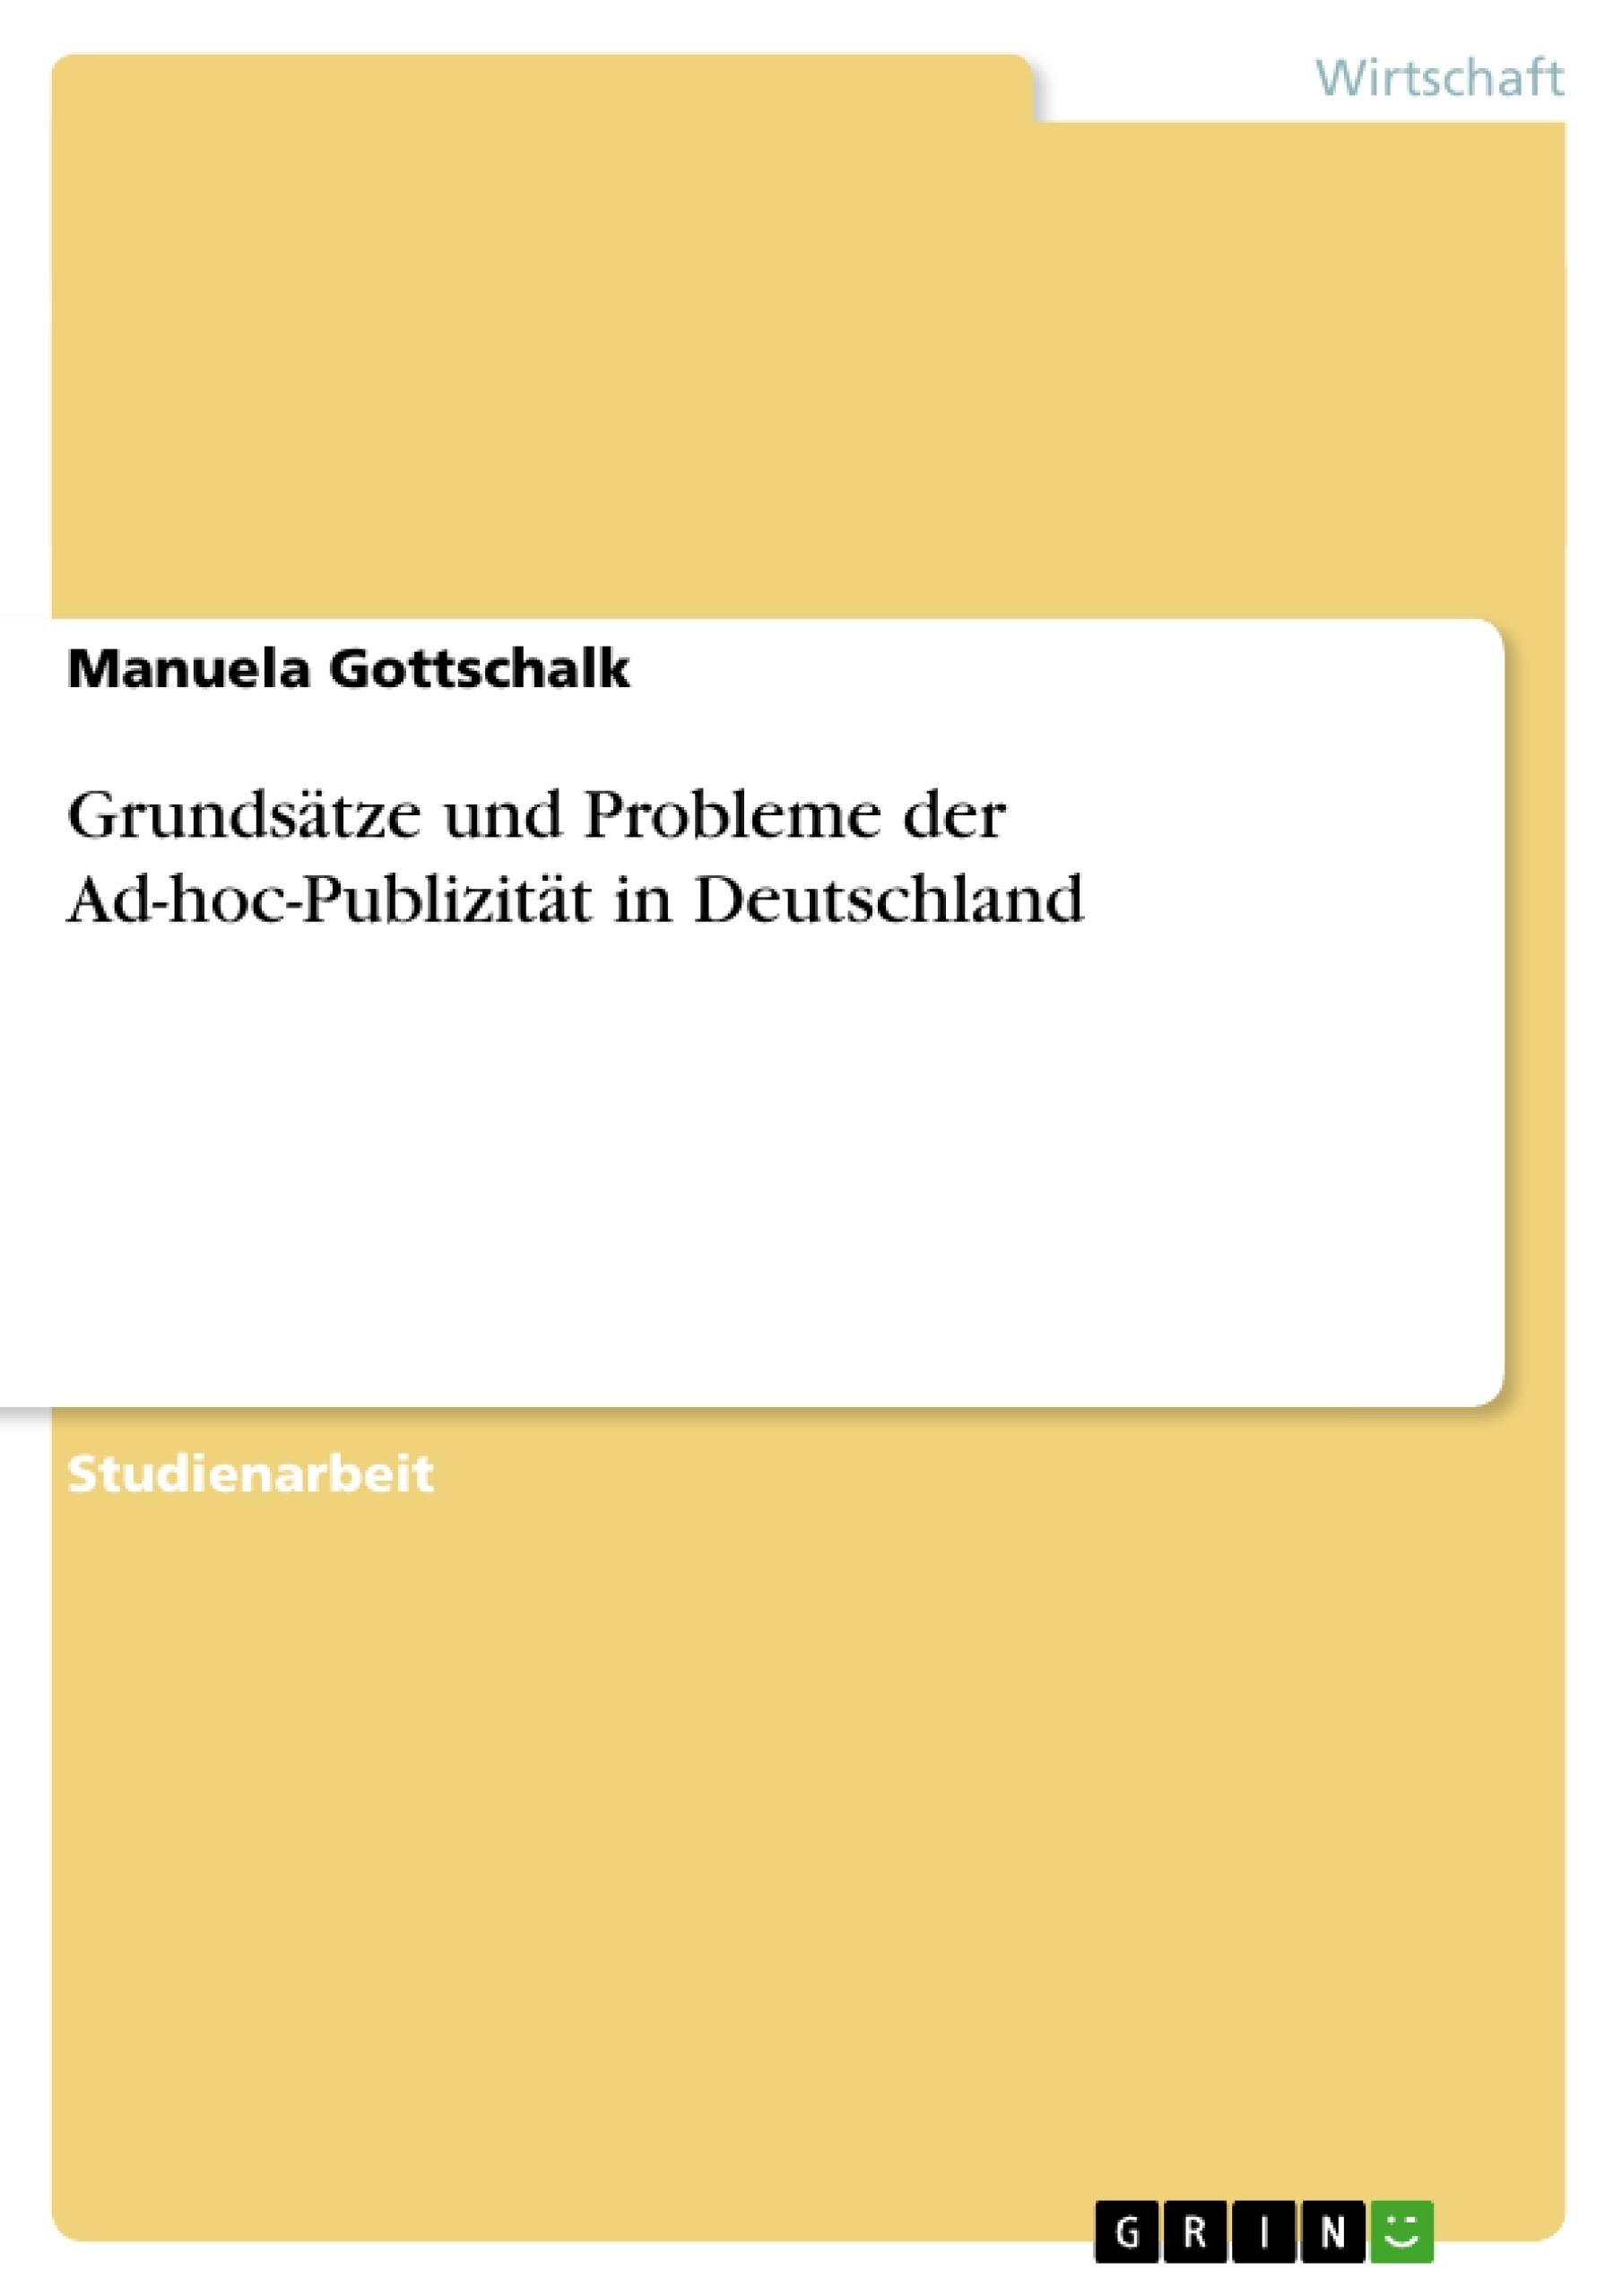 Titel: Grundsätze und Probleme der Ad-hoc-Publizität in Deutschland